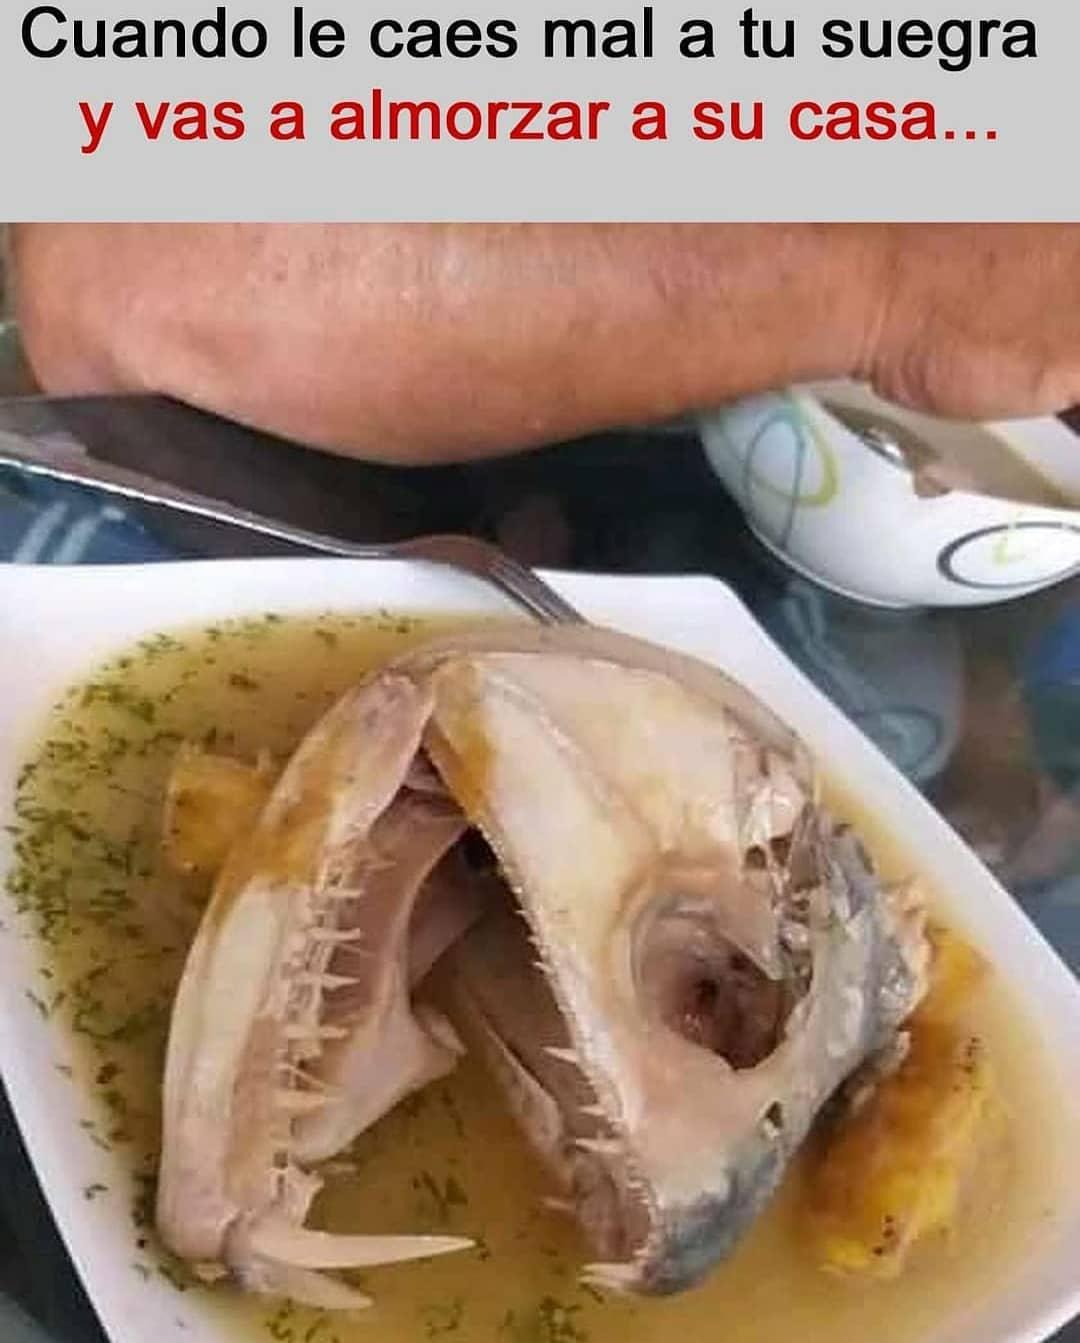 Cuando le caes mal a tu suegra y vas a almorzar a su casa...